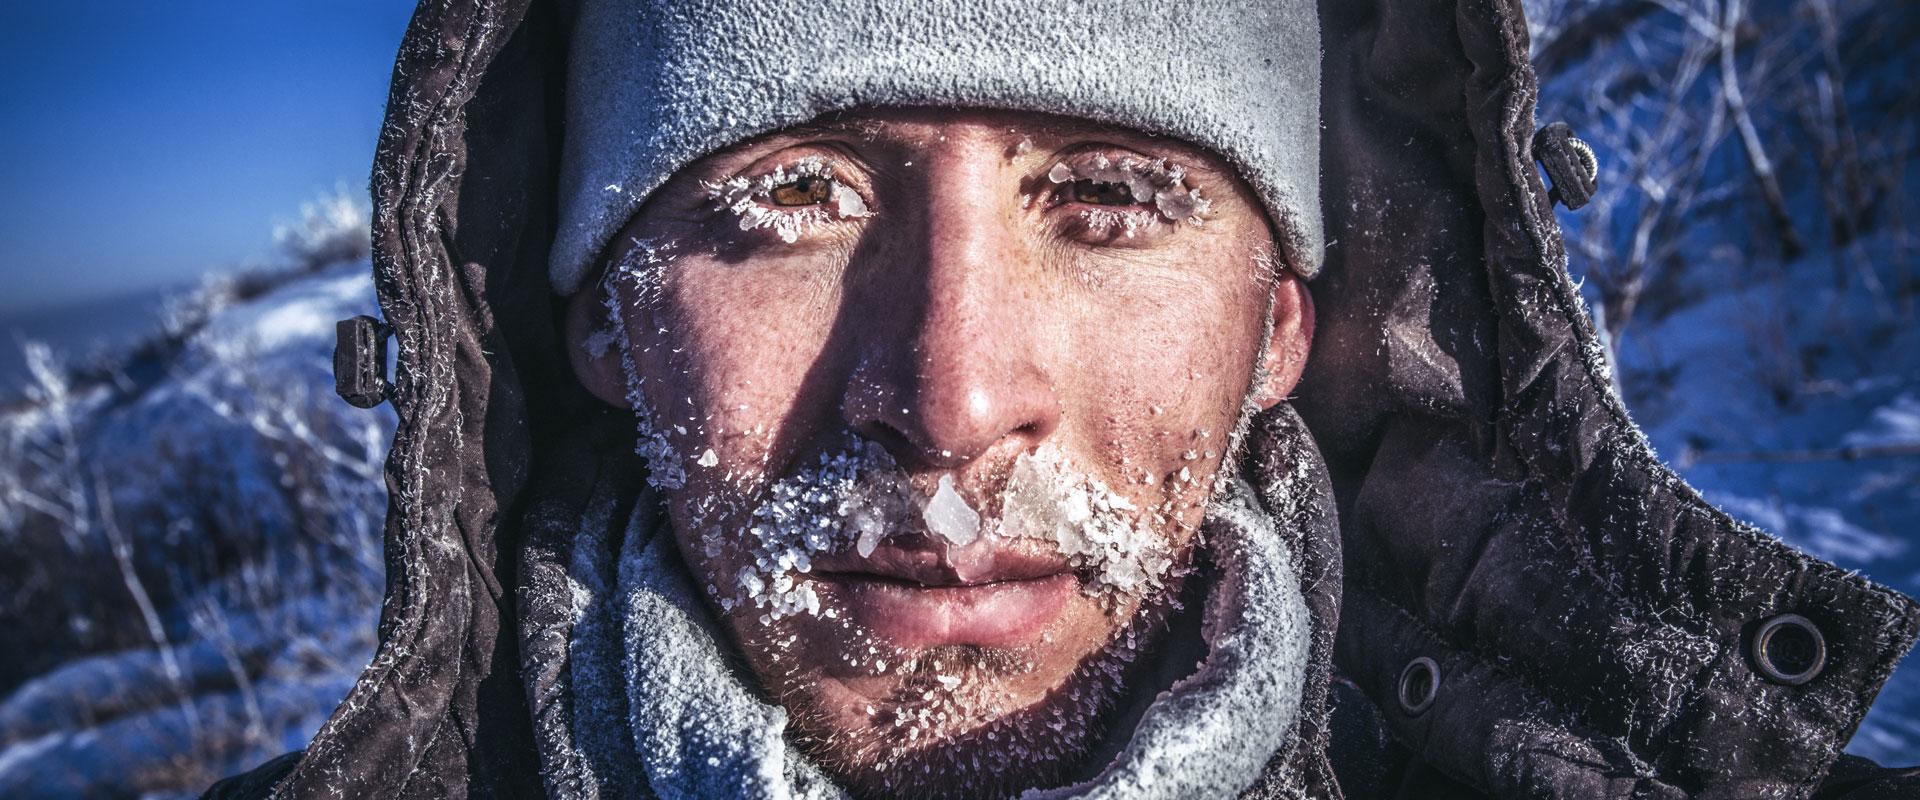 Blizzard (schwerer Schneesturm)